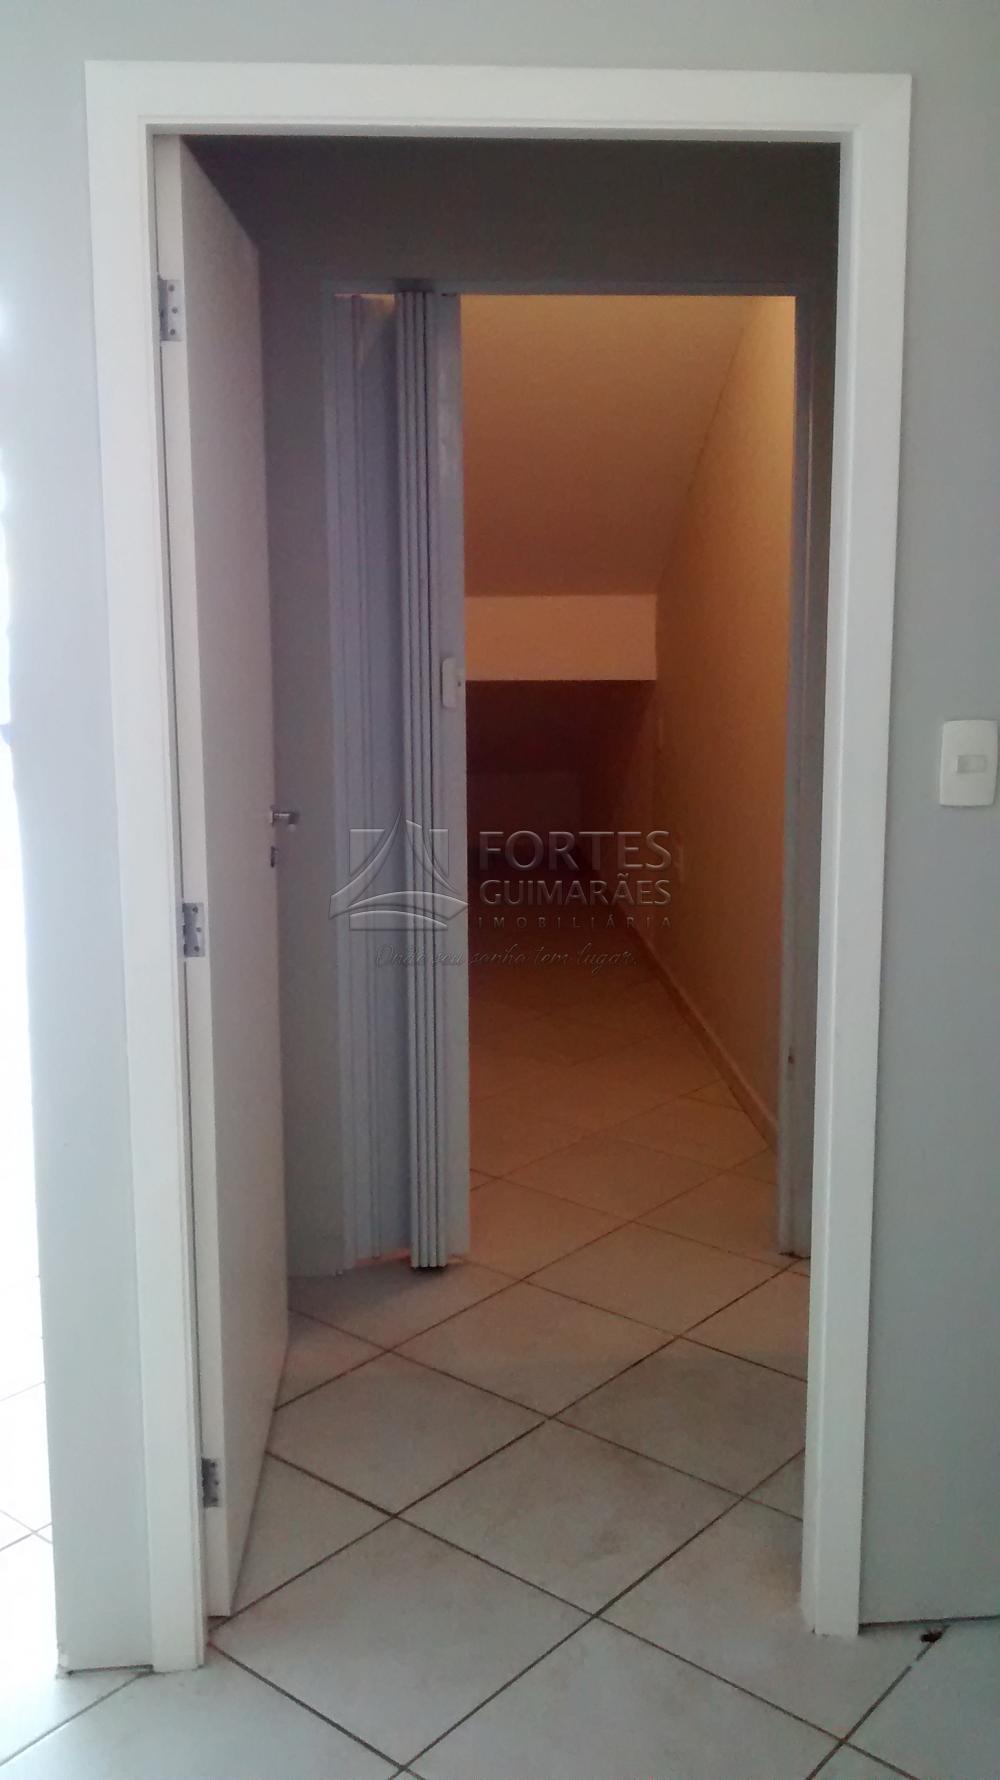 Alugar Comercial / Salão em Ribeirão Preto apenas R$ 10.000,00 - Foto 15